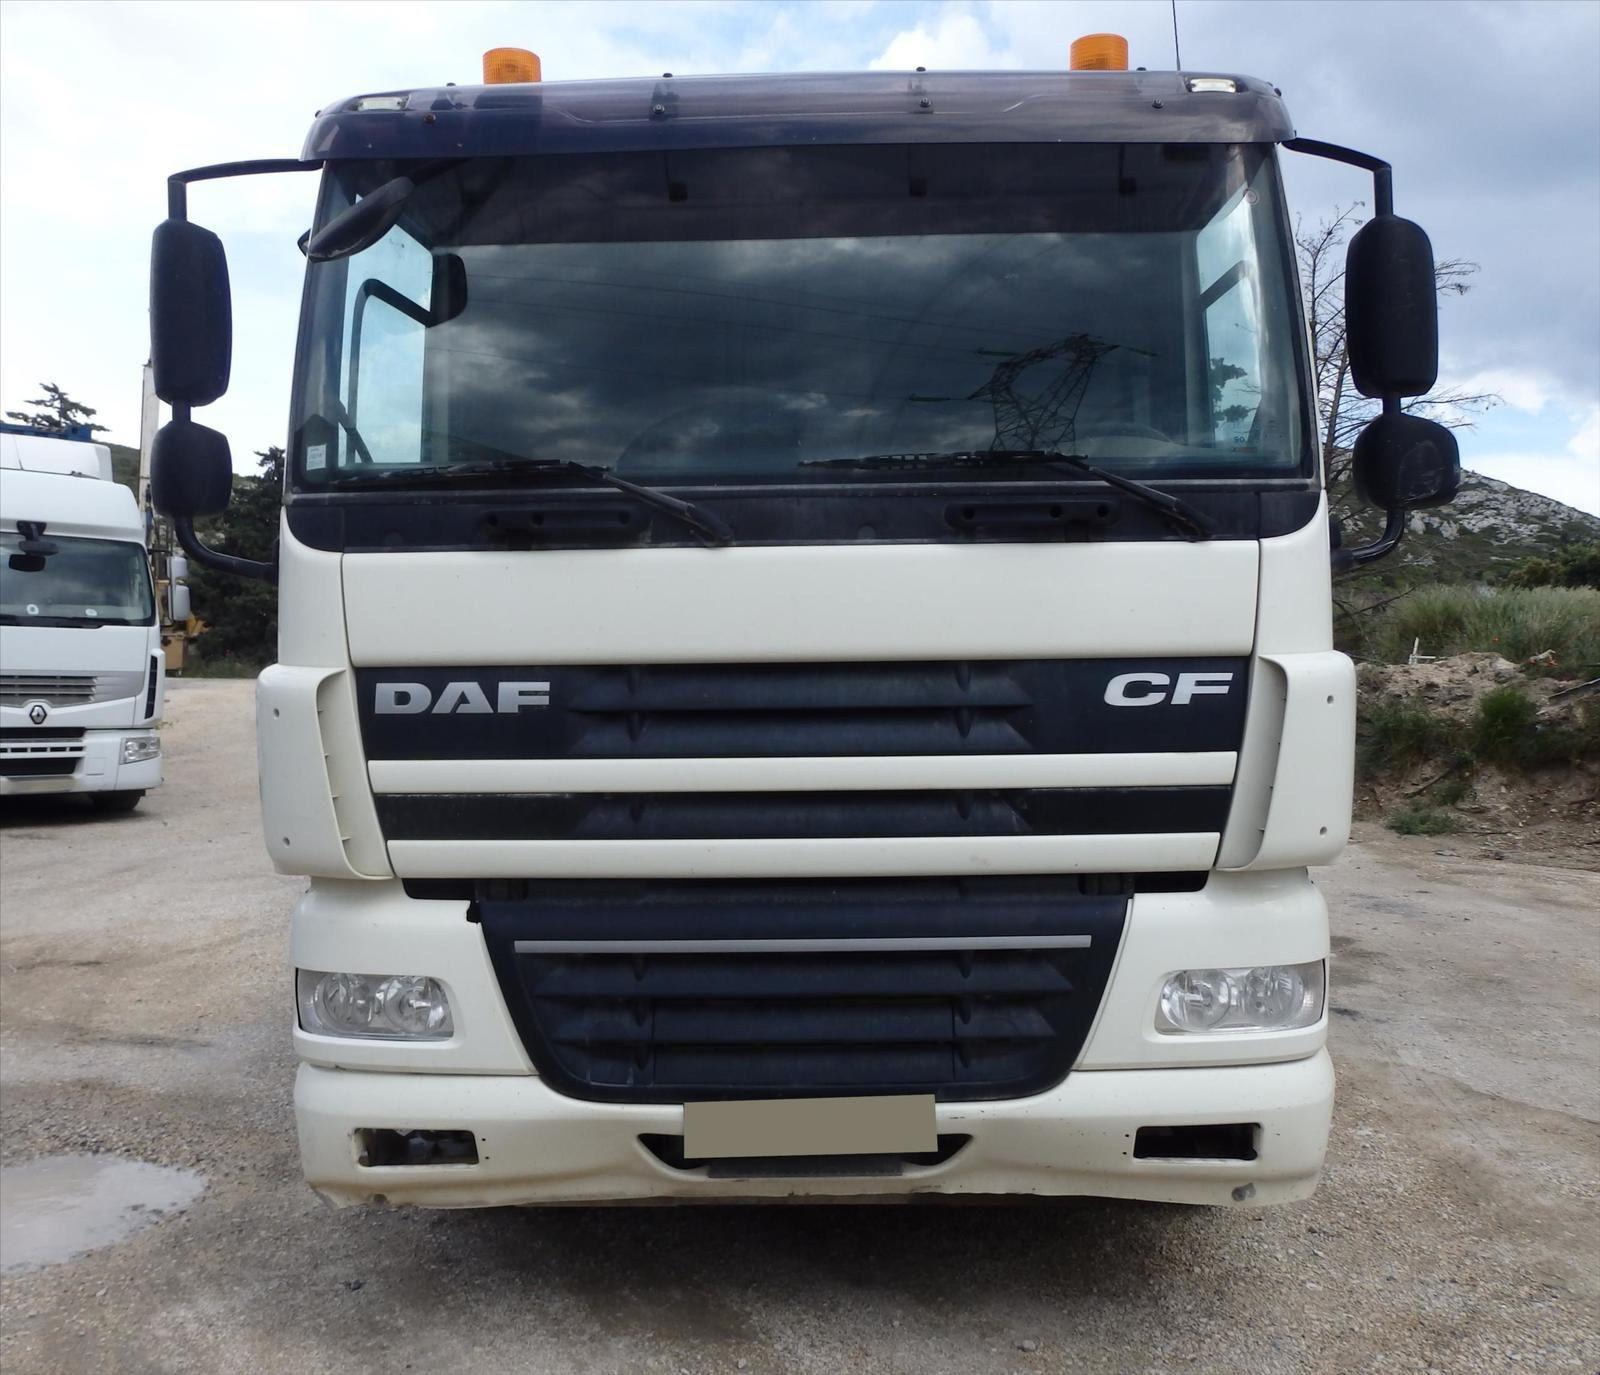 3 TRR DAF XF 85-460 Tel: 0608066192 Pierre BASSAT TRANSCOMM13